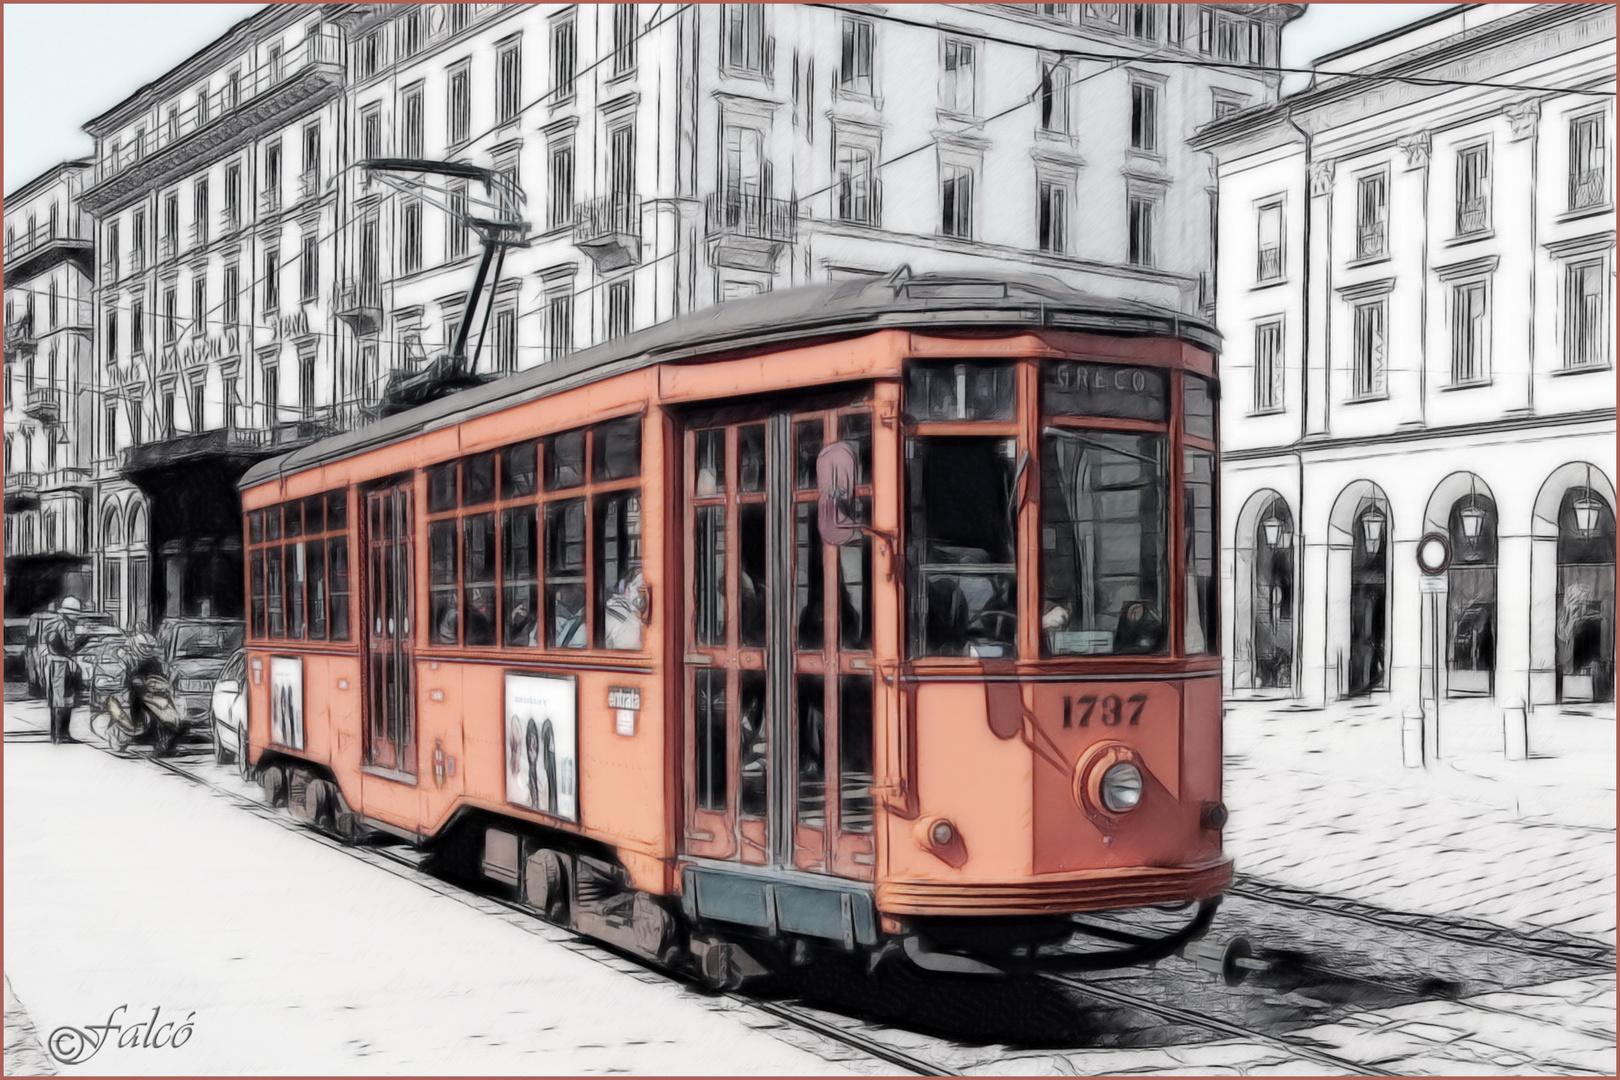 Tranvía 1737